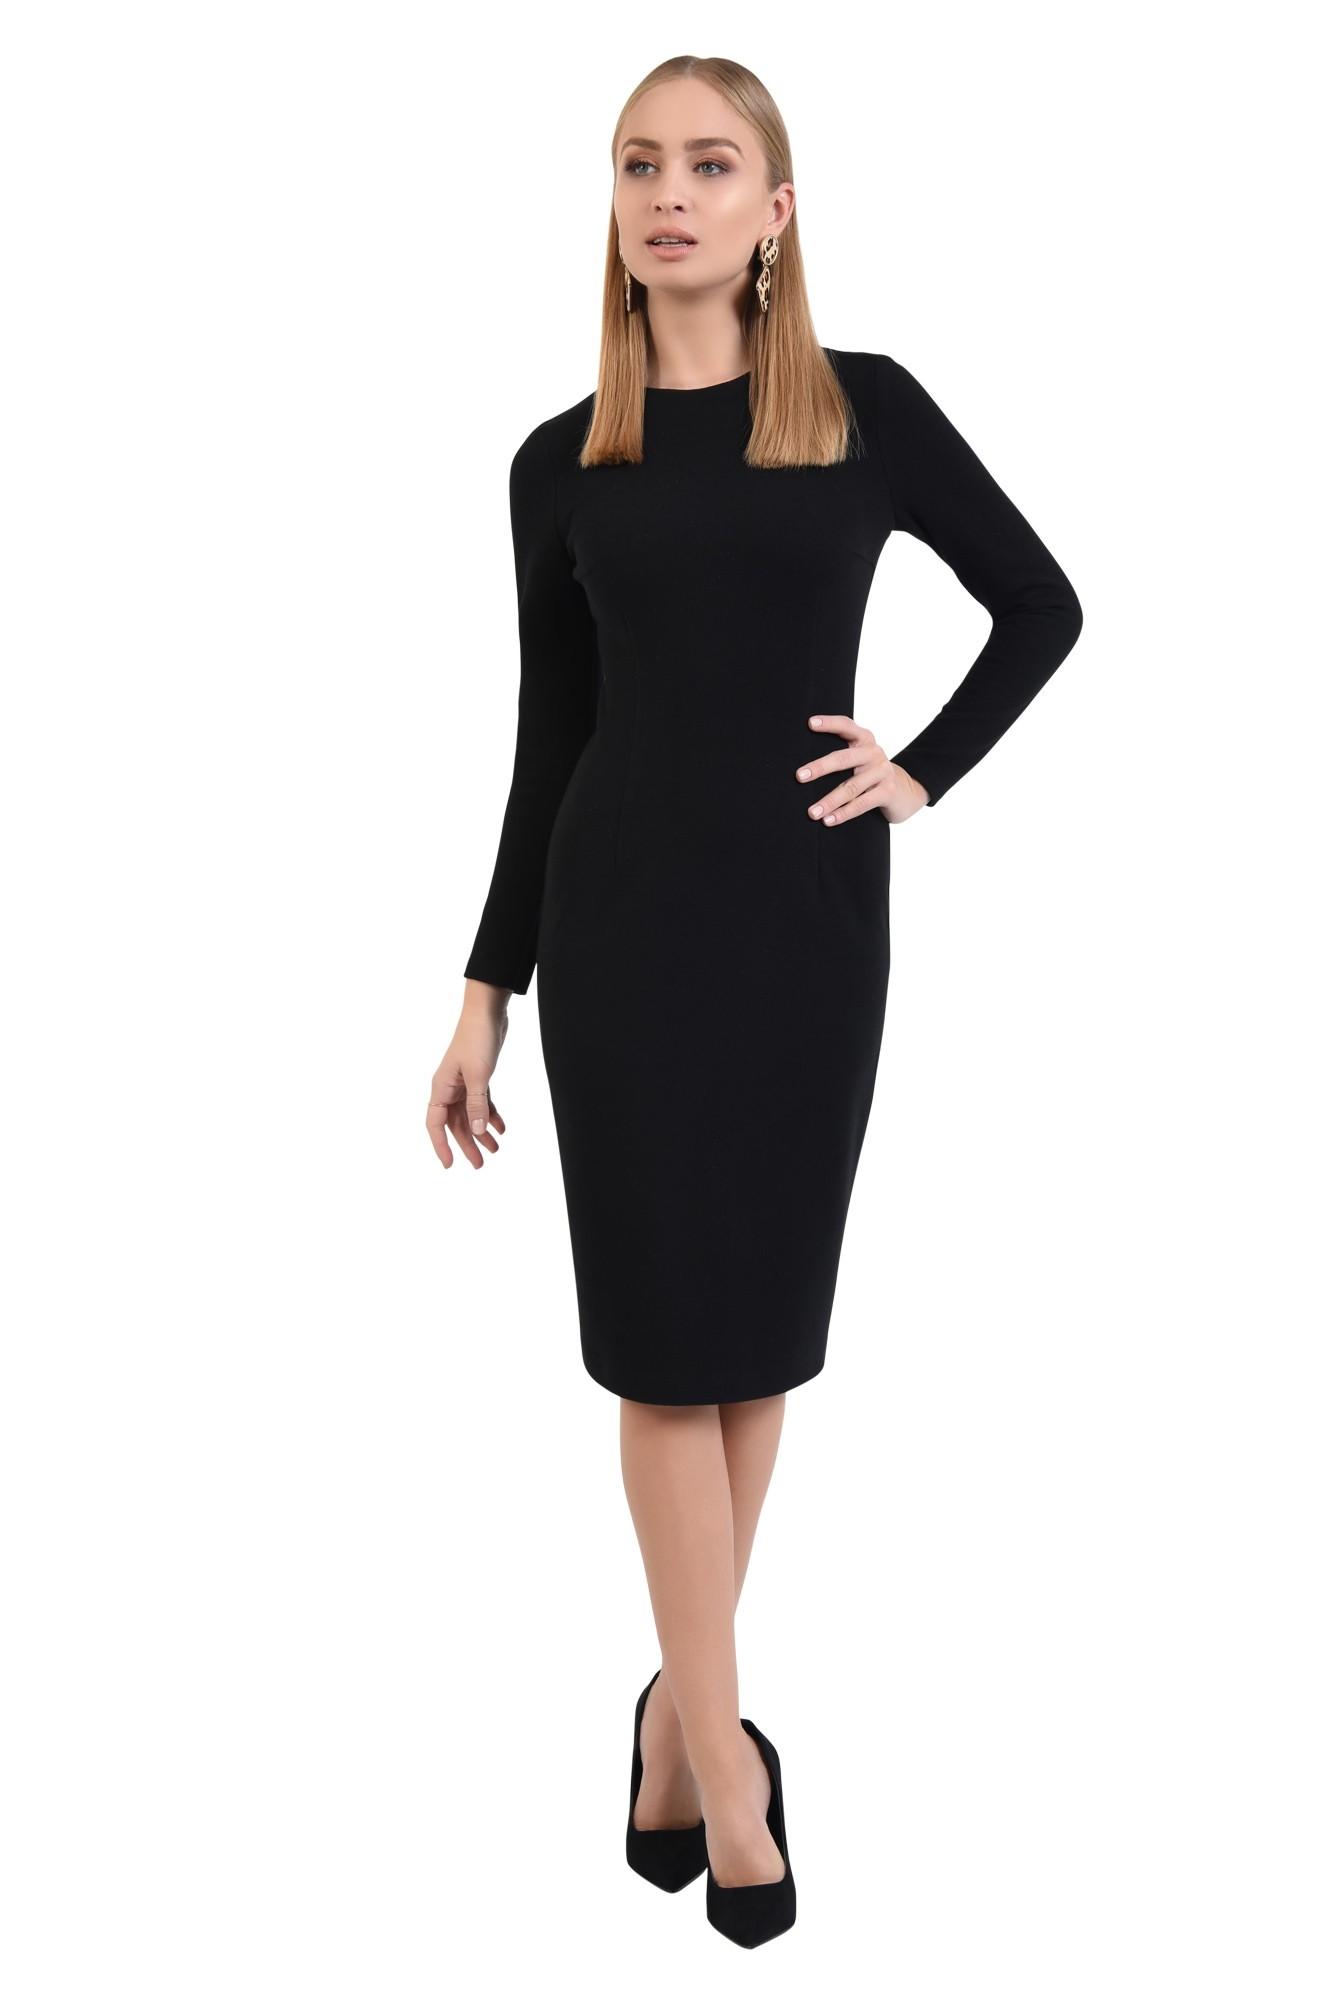 360 - rochie neagra, cambrata, casual, tricotata, rochii online